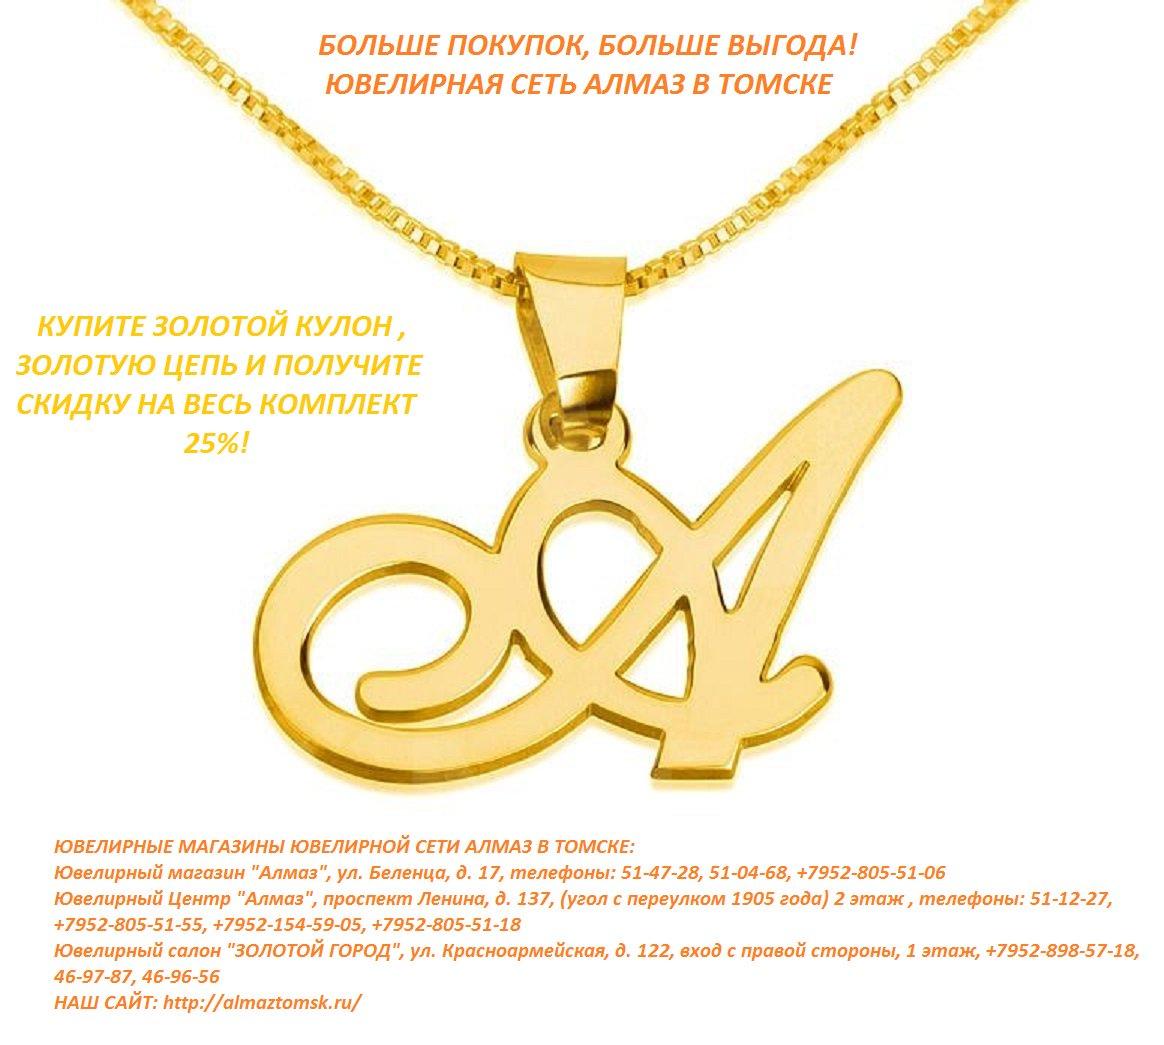 поздравления к подарку золотая цепочка судя всему